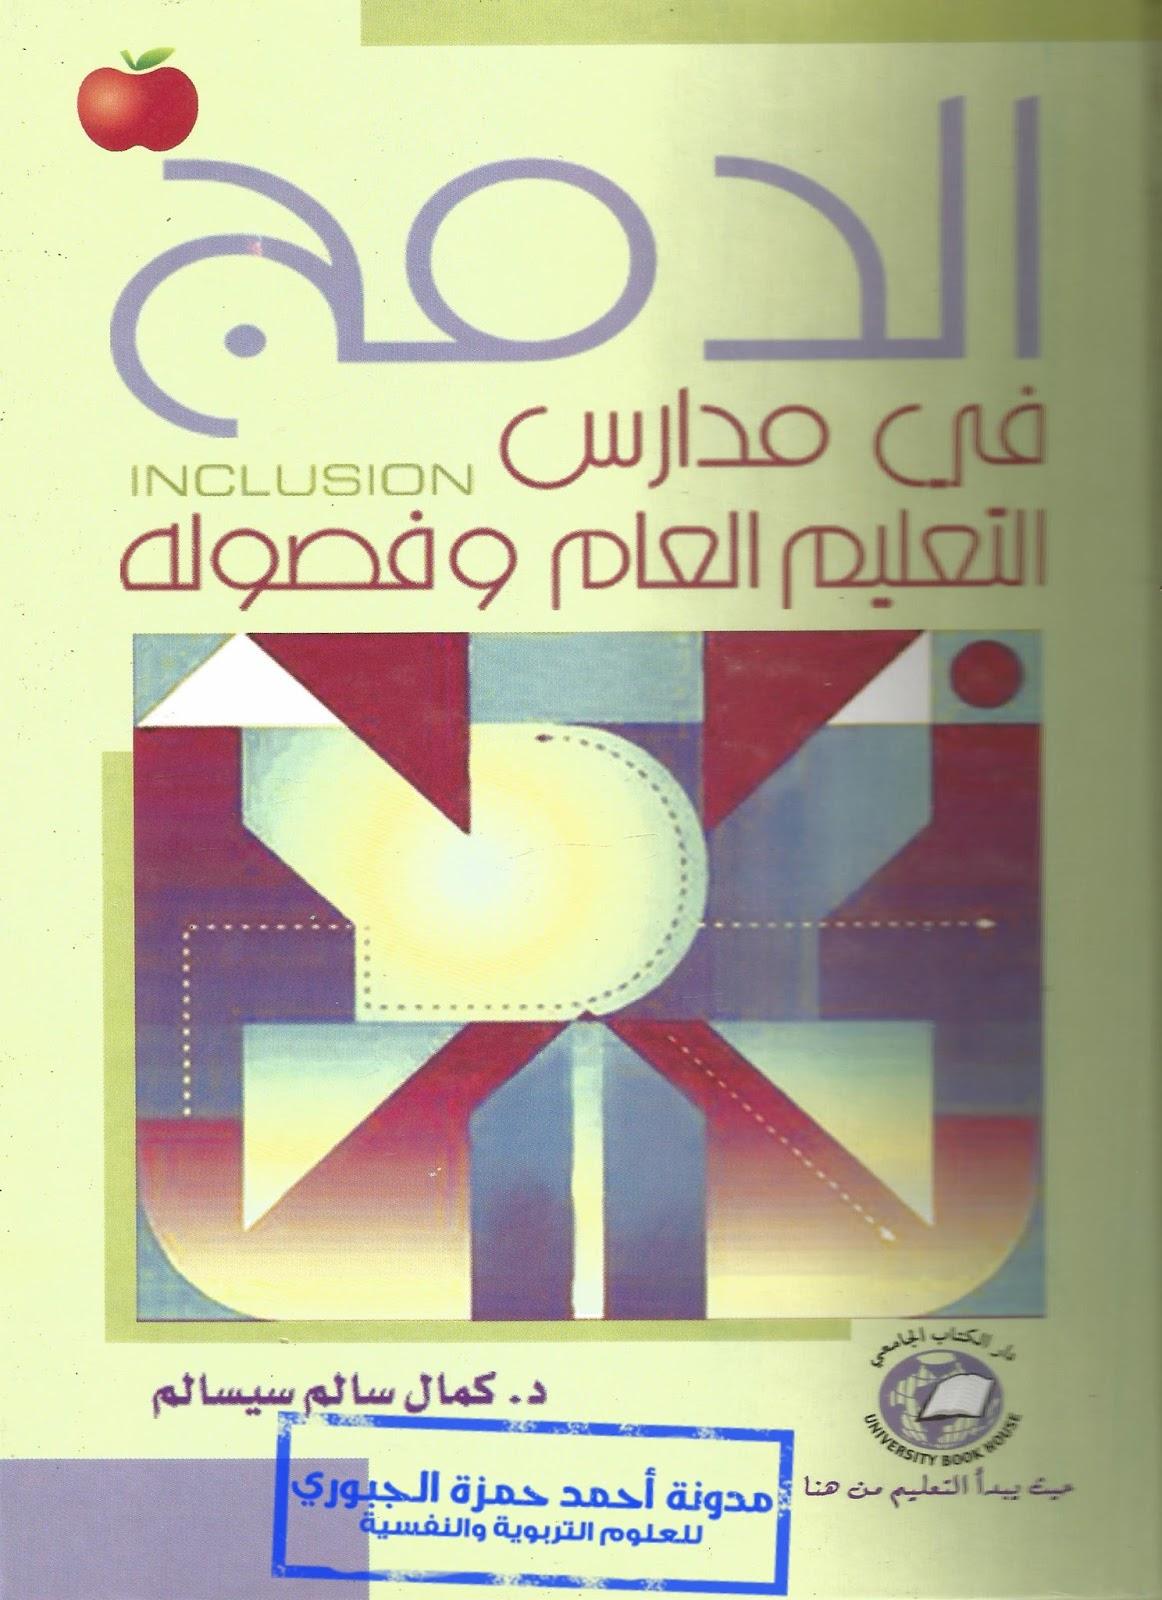 كتاب الدمج في مدارس التعليم العام وفصوله